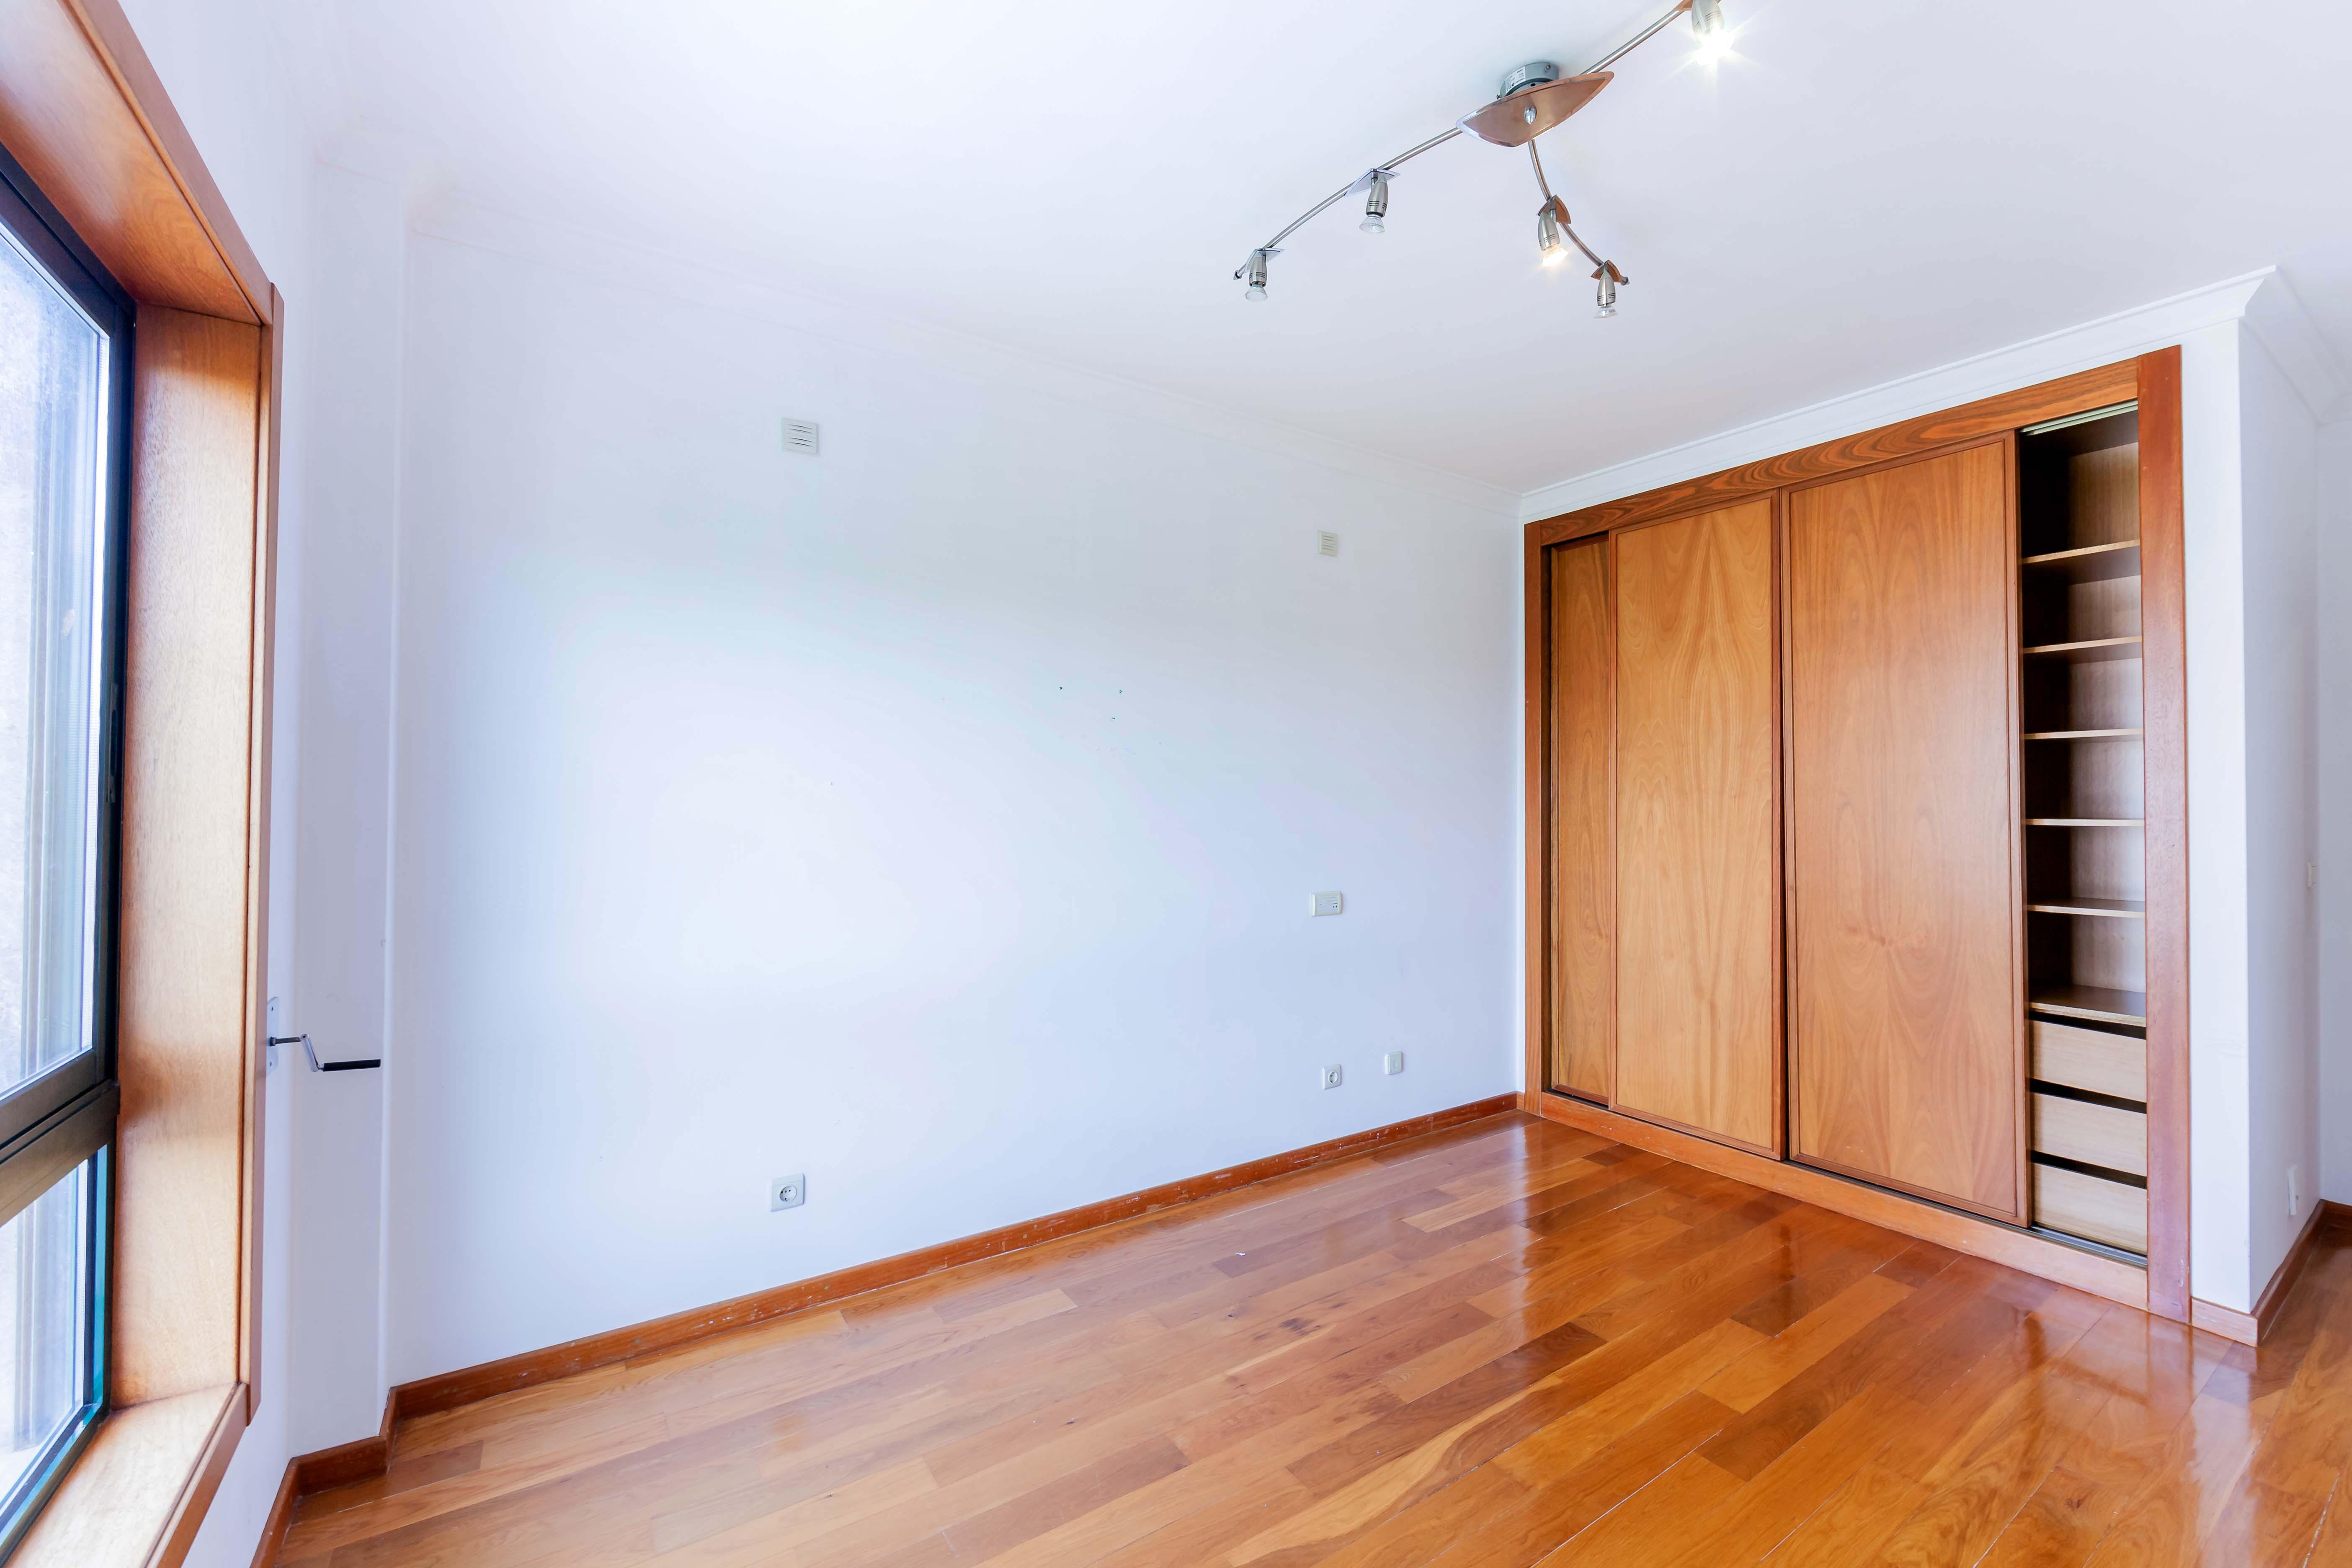 PF22545, Apartamento T3, Oeiras